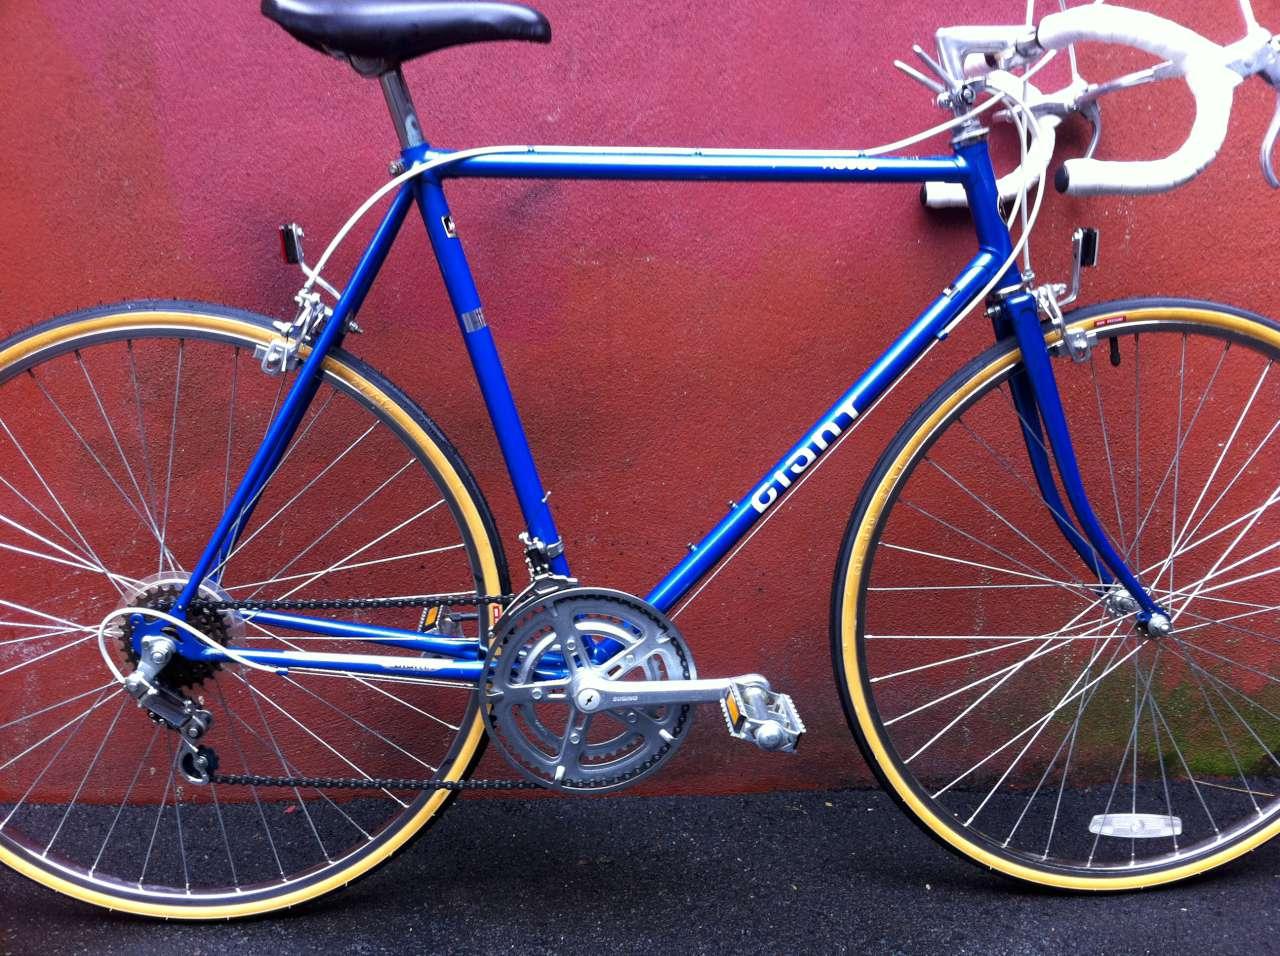 Bike Boom refurbished bikes: Giant RS900 blue road bike